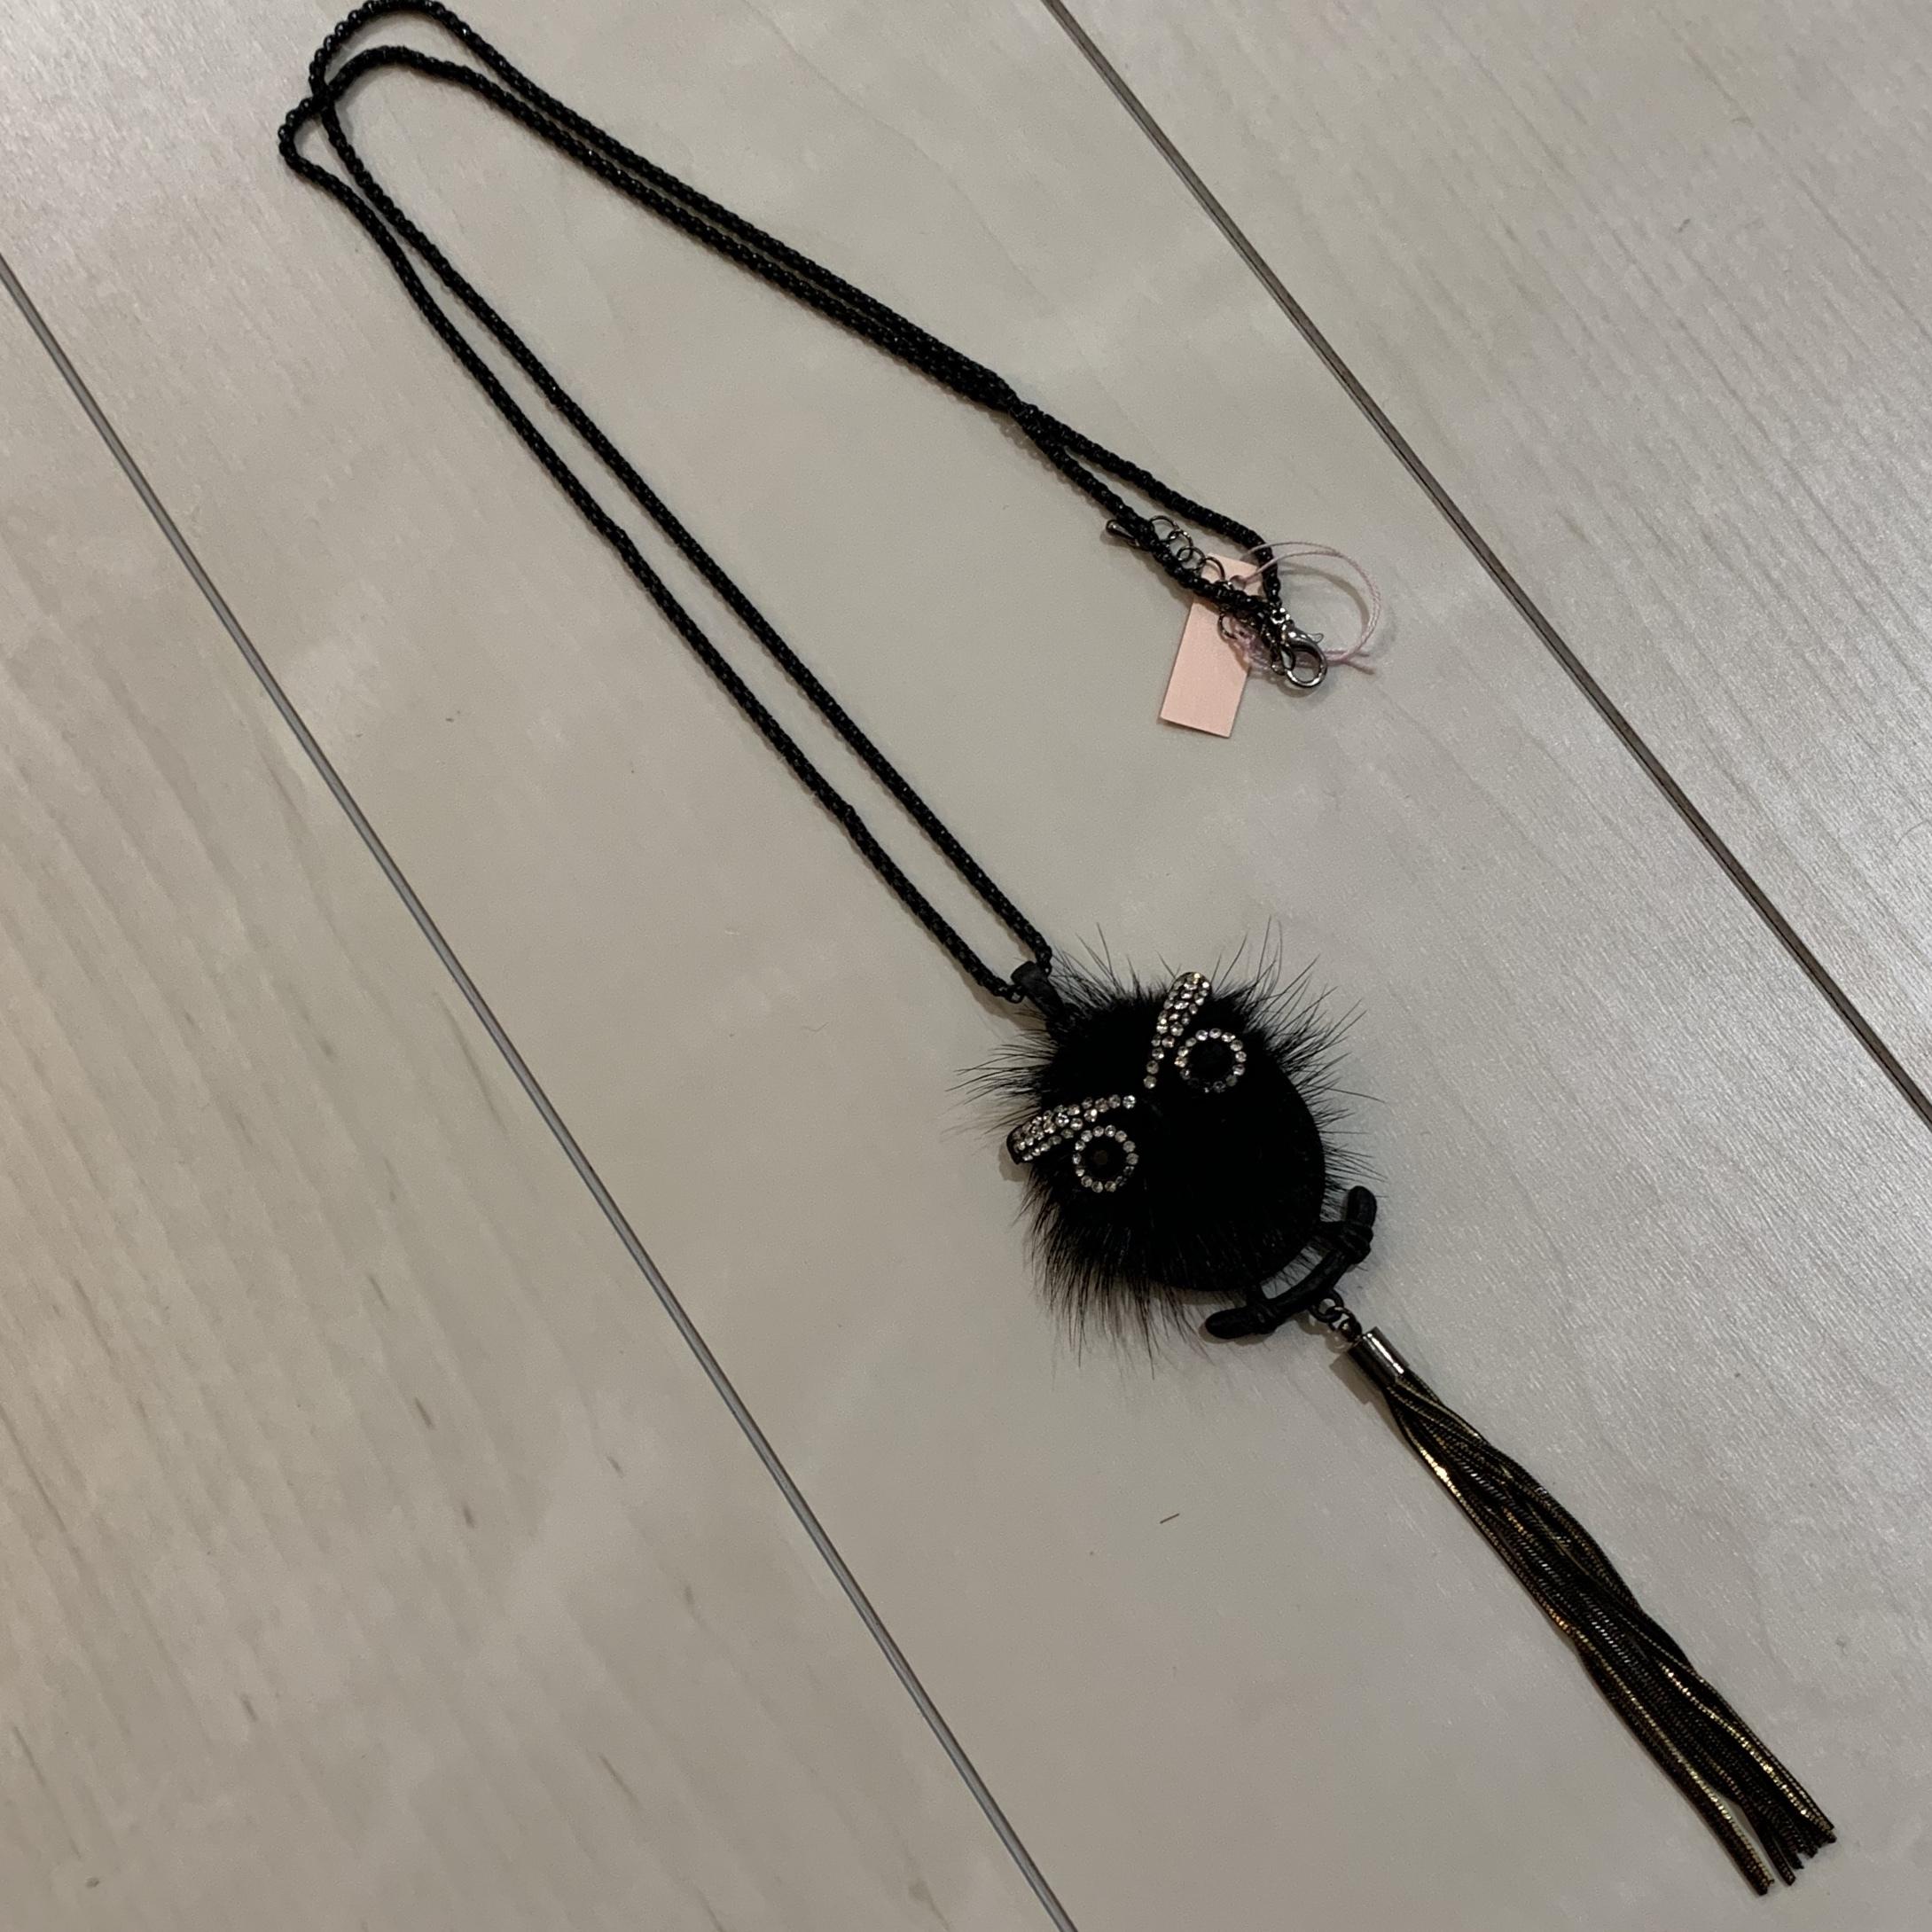 フクロウモチーフのネックレス